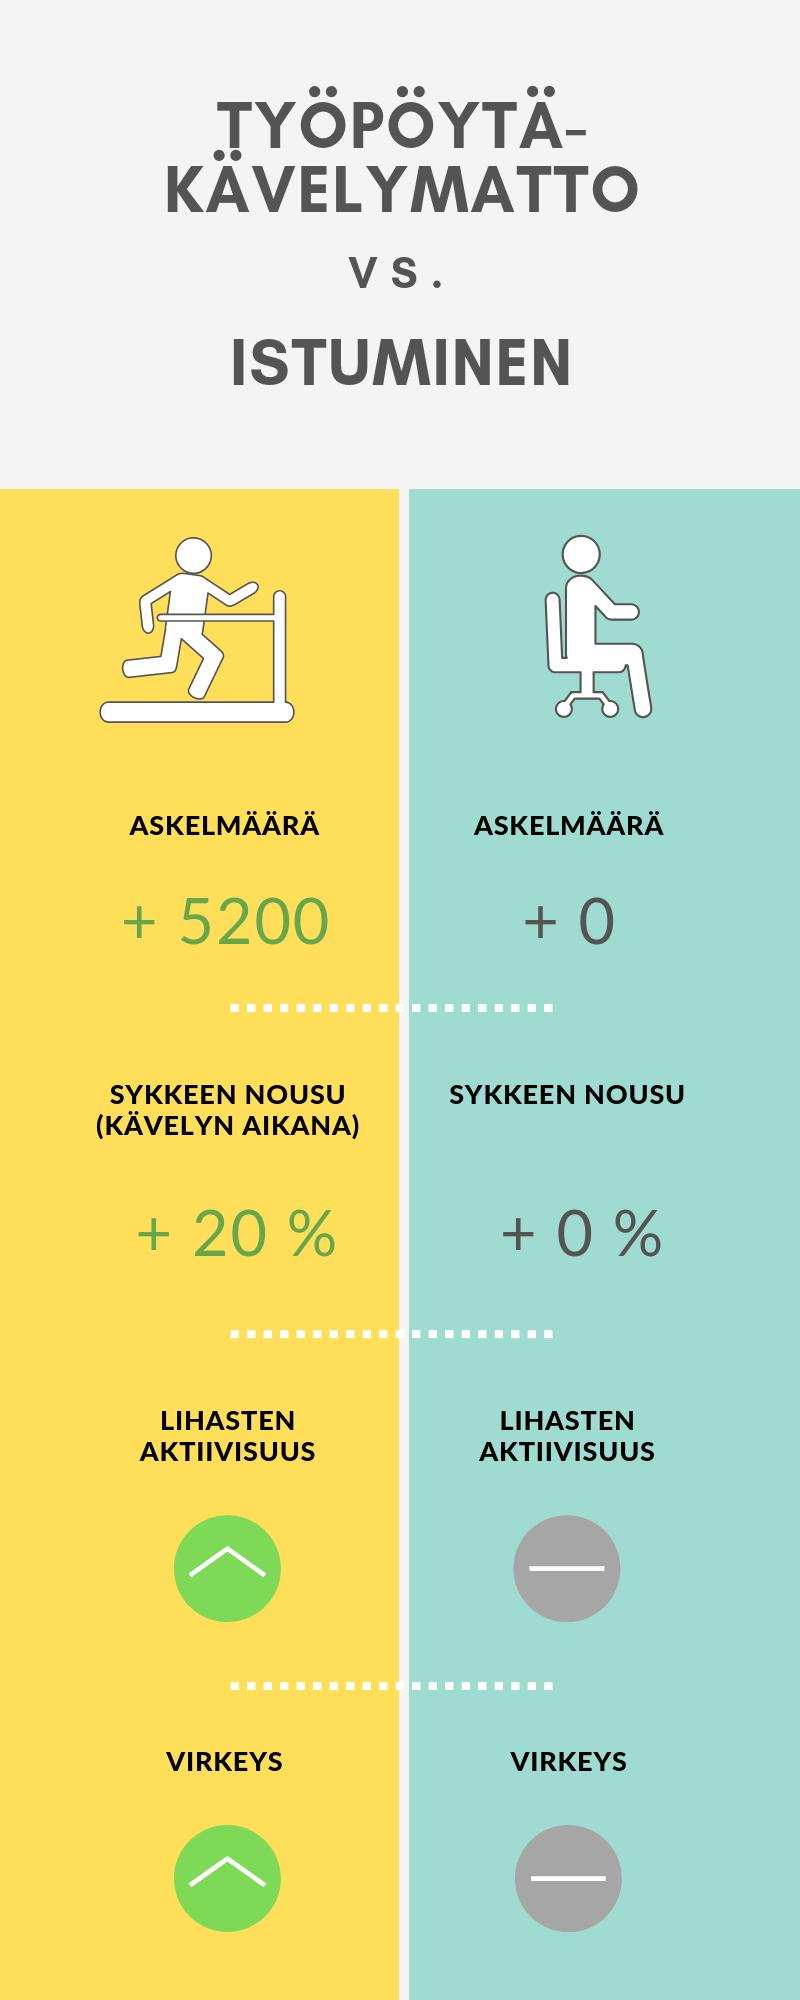 Työpiste-kävelymatto vs. istuminen